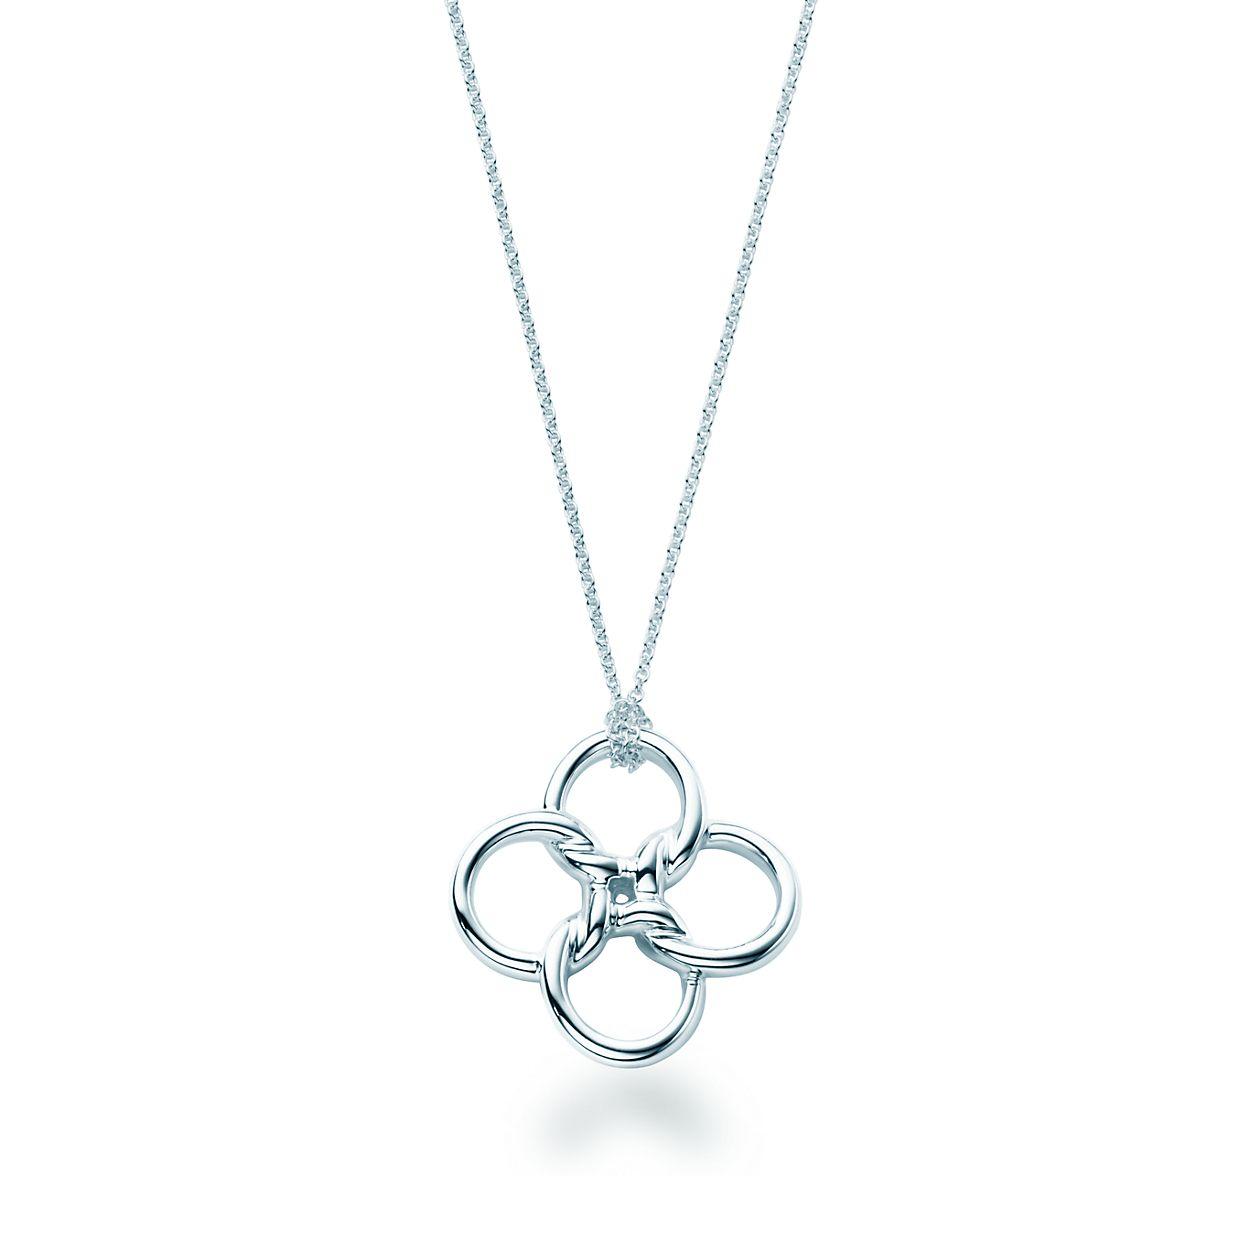 Elsa peretti quadrifoglio pendant in sterling silver tiffany elsa perettiquadrifoglio pendant mozeypictures Gallery